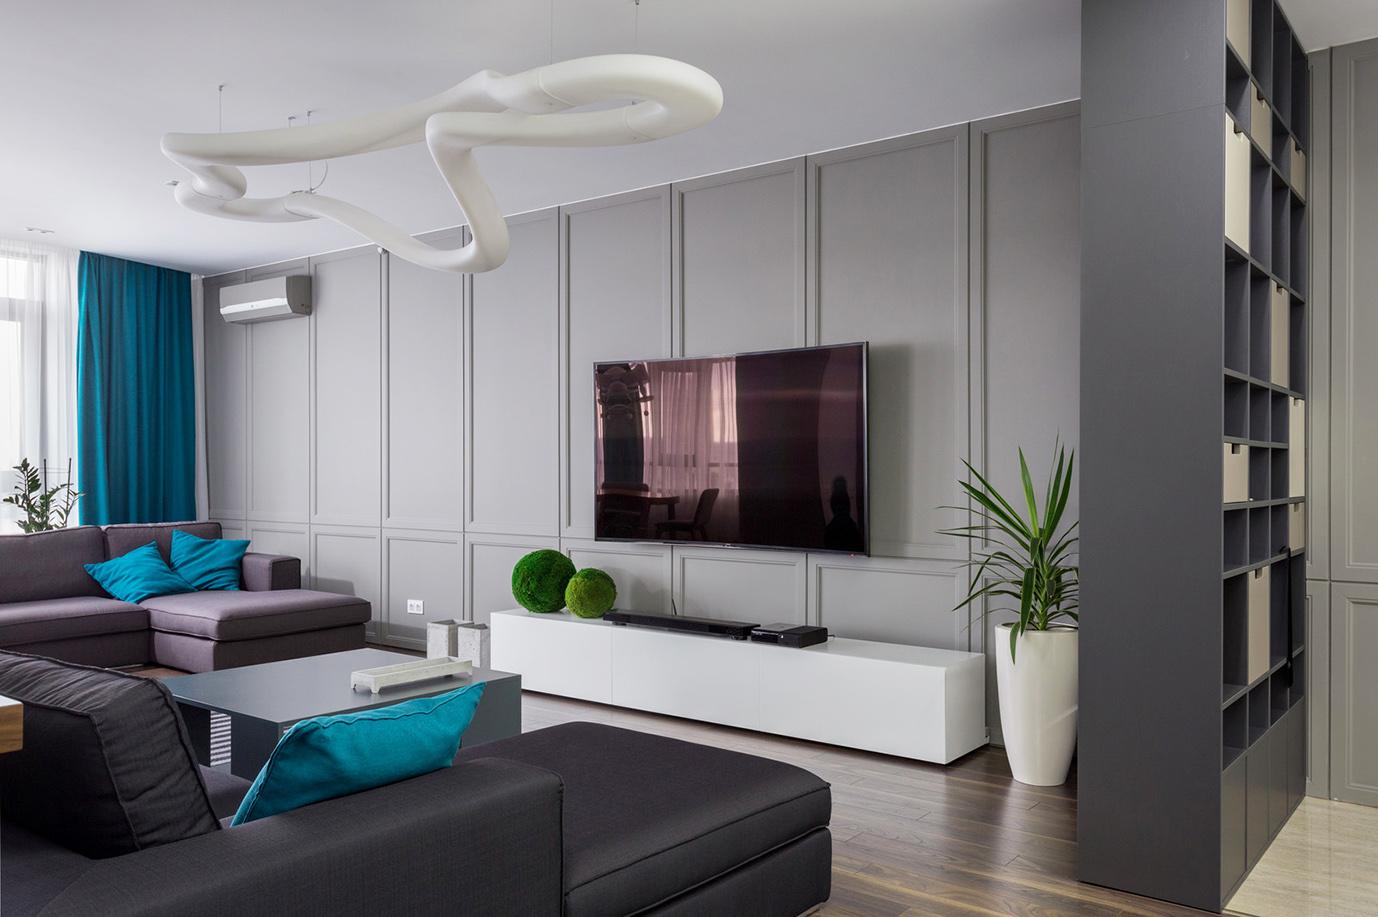 Харьков дизайн квартир в